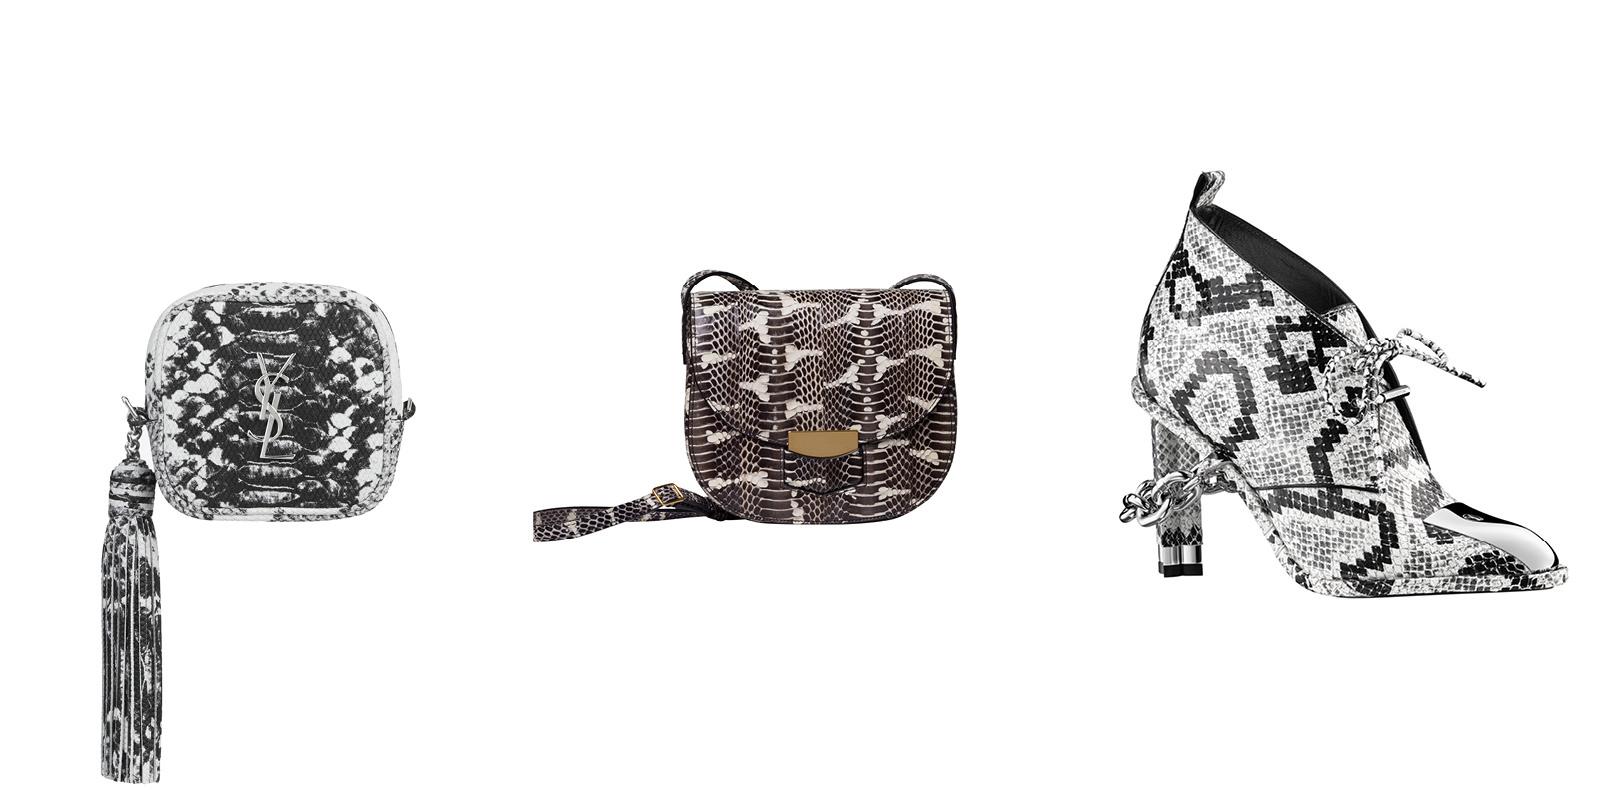 """Boots, LOUS VUITTON. """"Trotteur en serpent d'eau"""" bag, CELINE. """"Monogramme Blogger"""" bag, YVES SAINT LAURENT."""